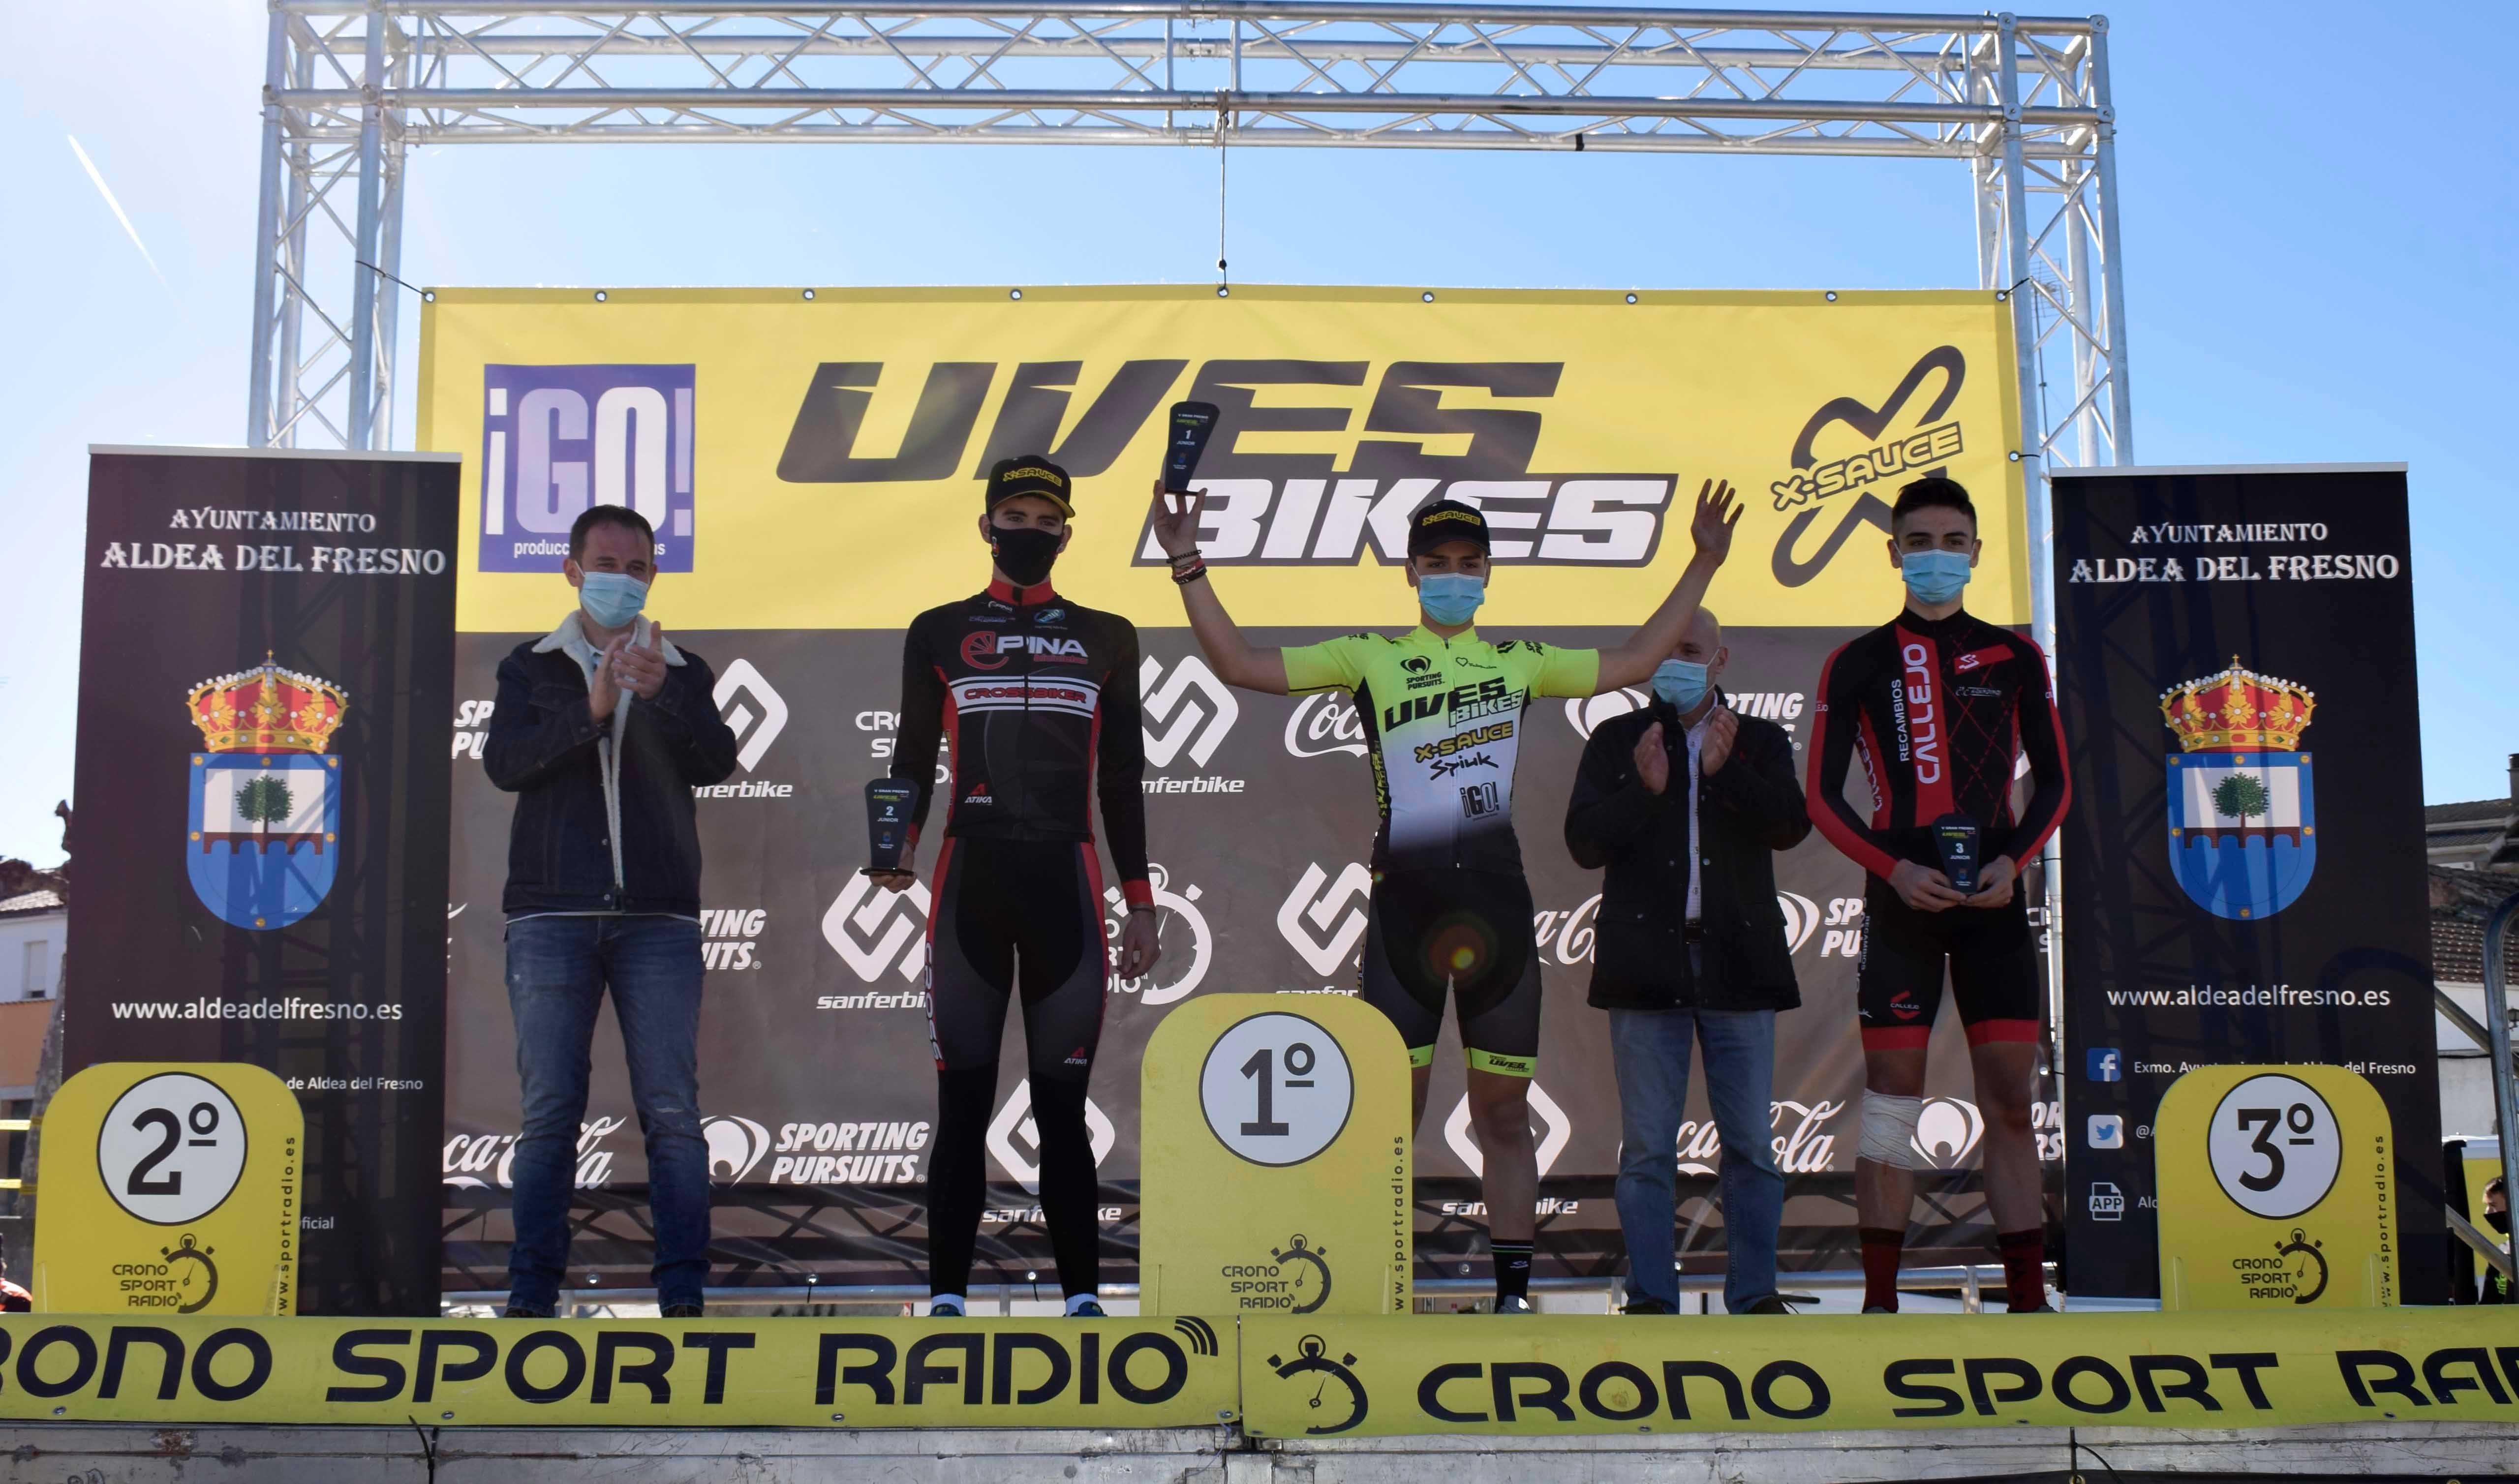 Gran fortaleza de Aida Nuño y Gonzalo Inguanzo en el V Trofeo de Ciclocross Uves Bikes